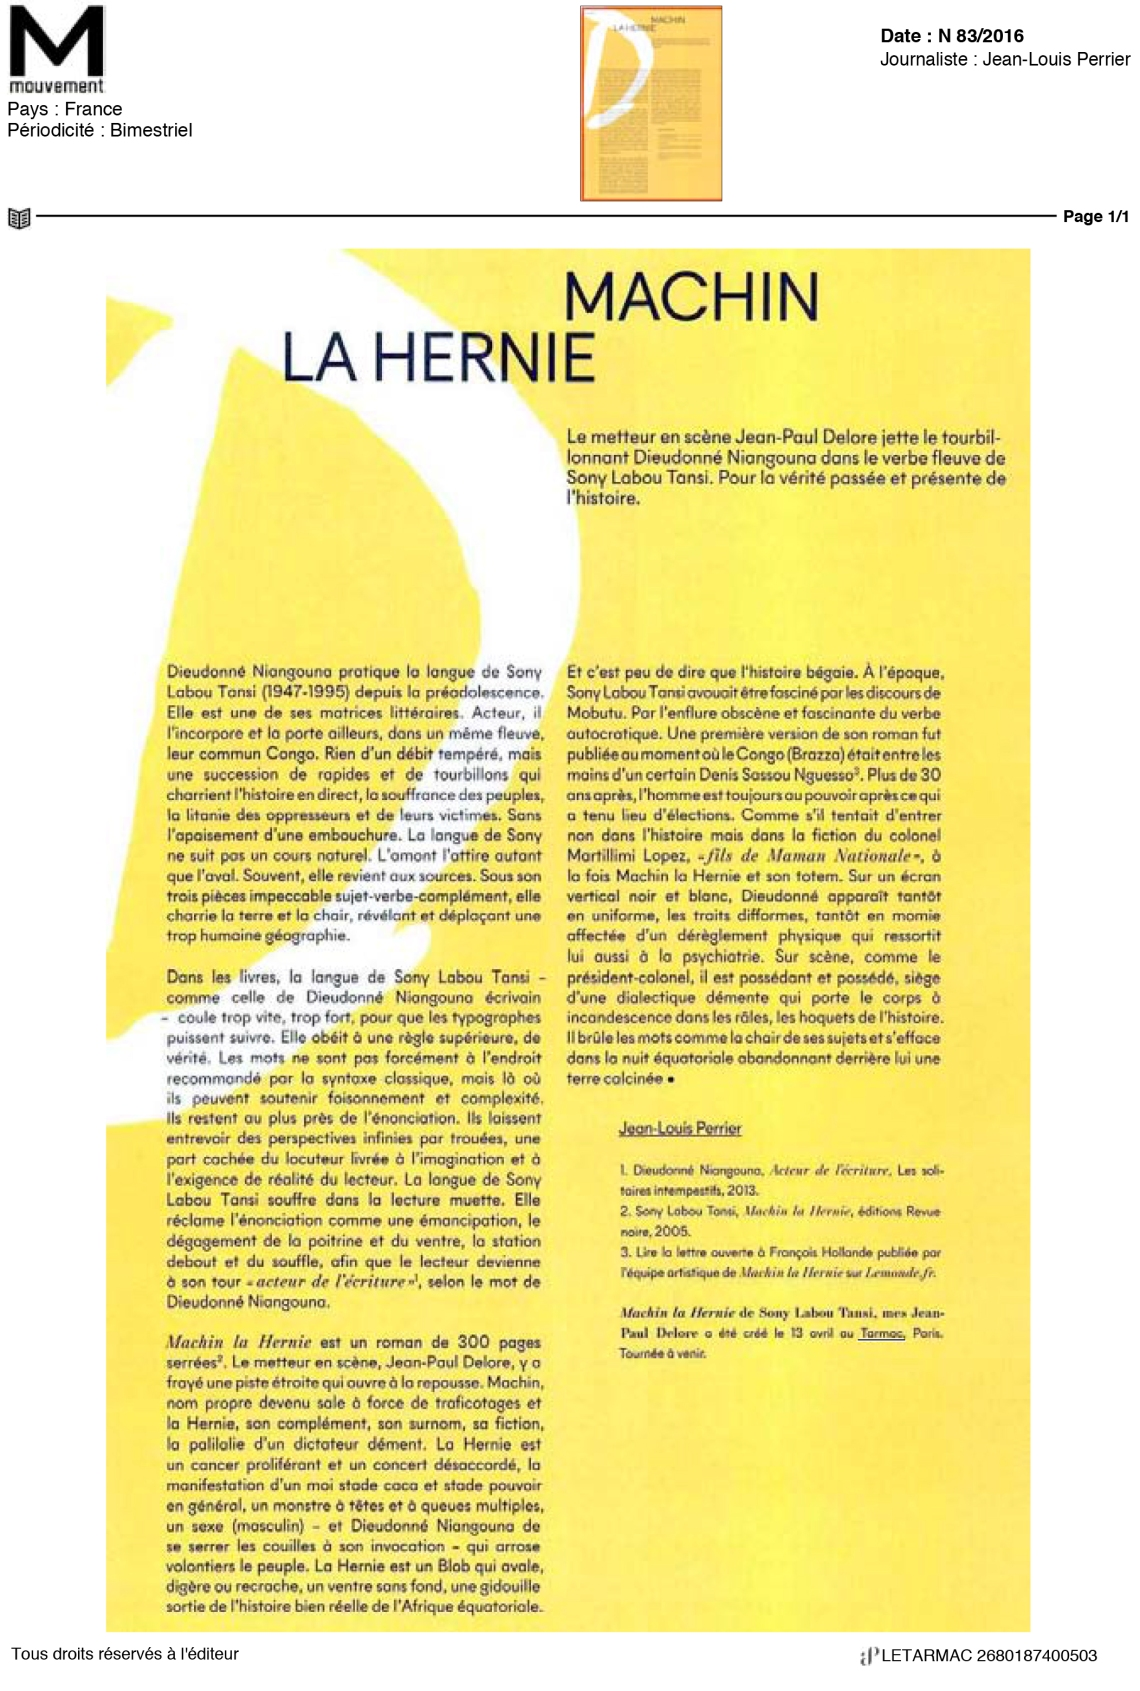 27_Machin-la-hernie 26.jpg